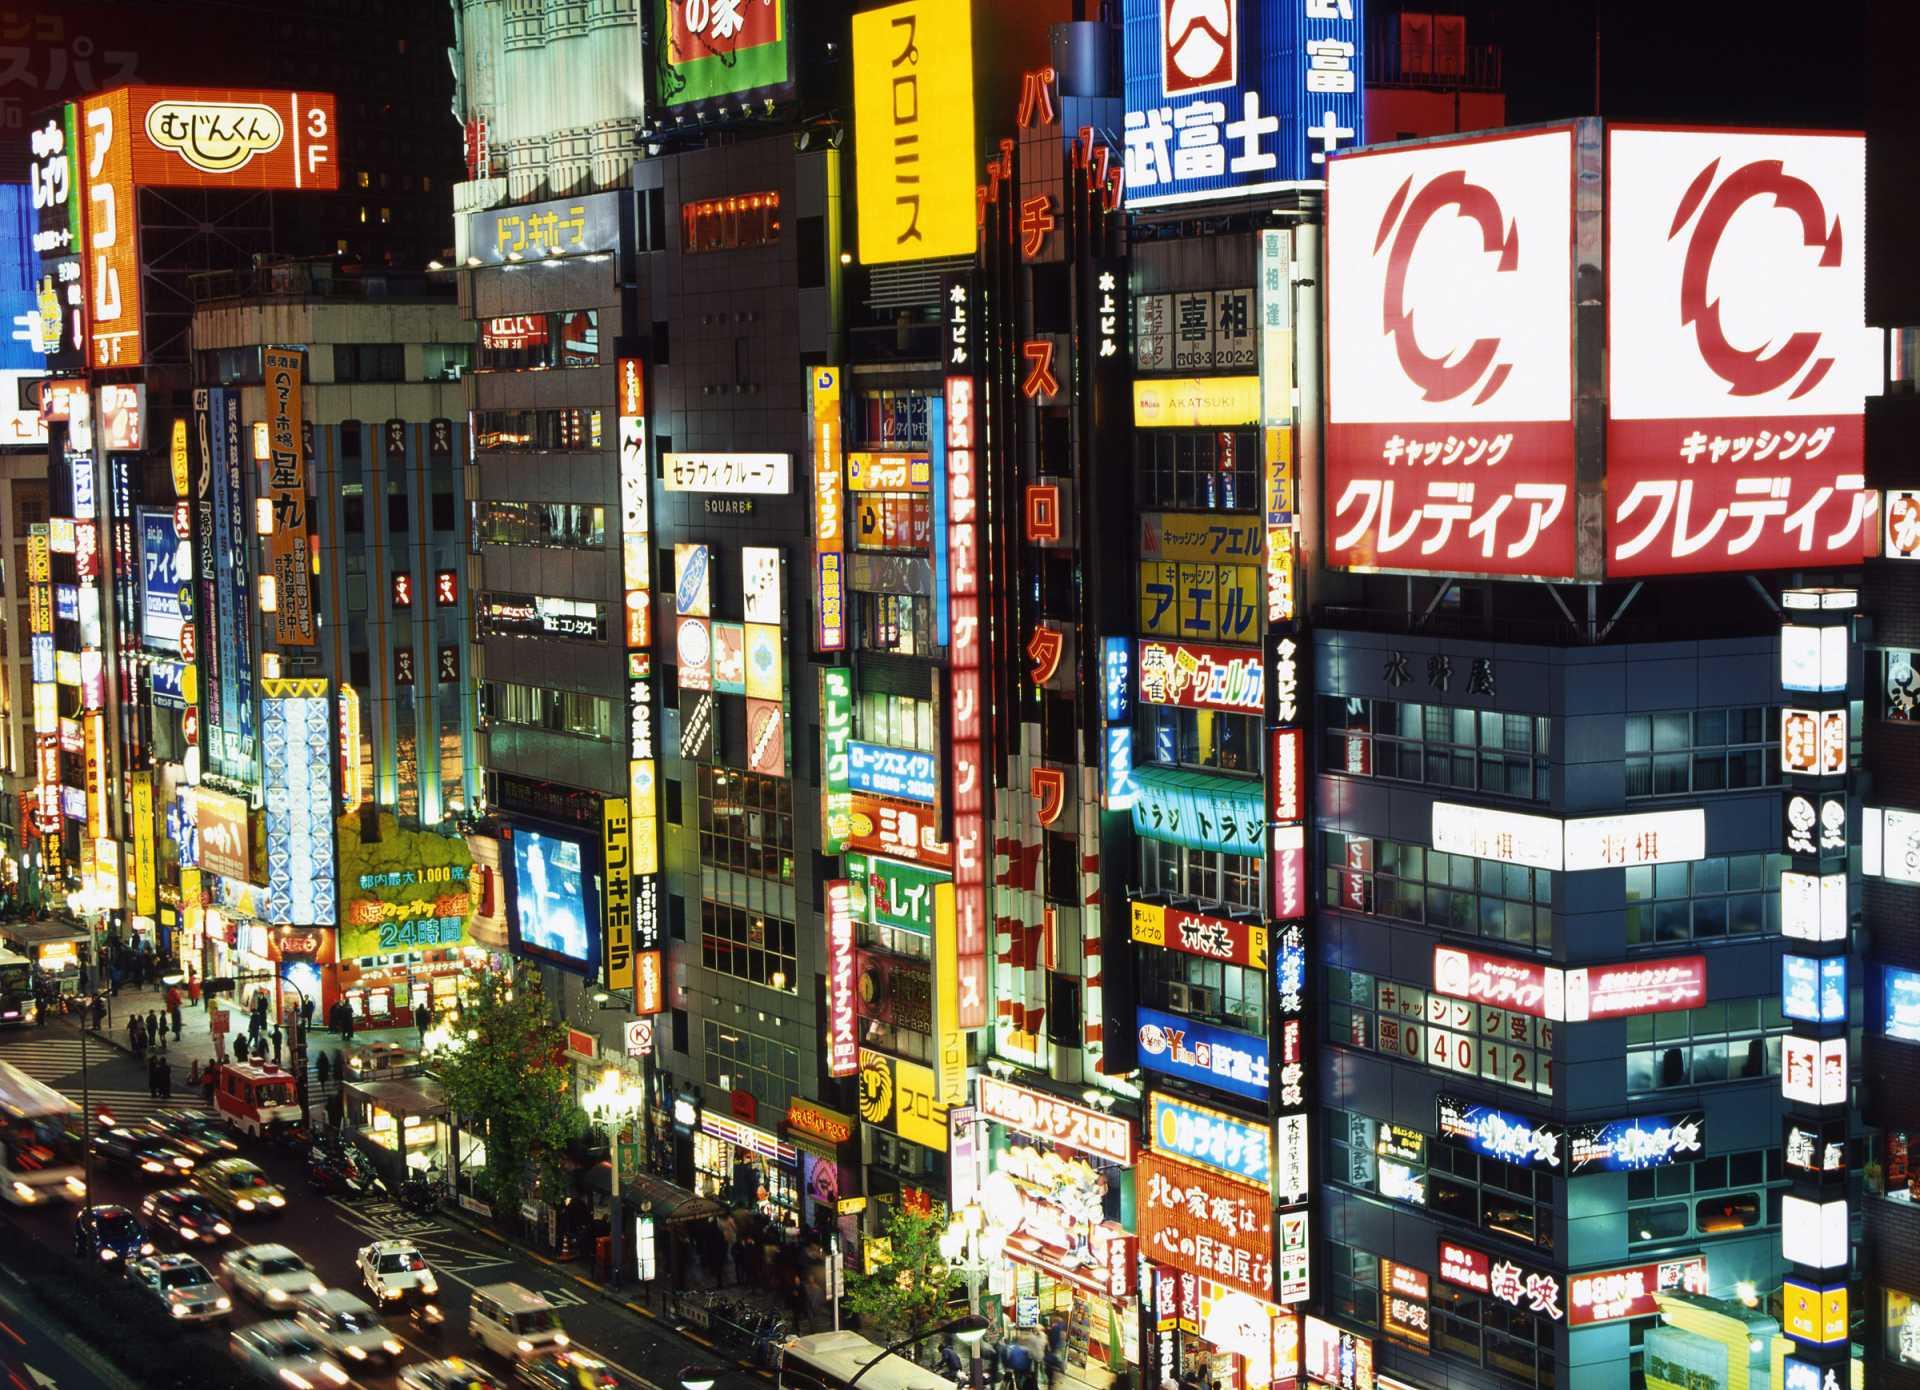 歌舞伎町、歌舞伎町一番街、不夜城、餐廳、酒吧、夜總會、俱樂部、KTV、麻將、居酒屋、保齡球